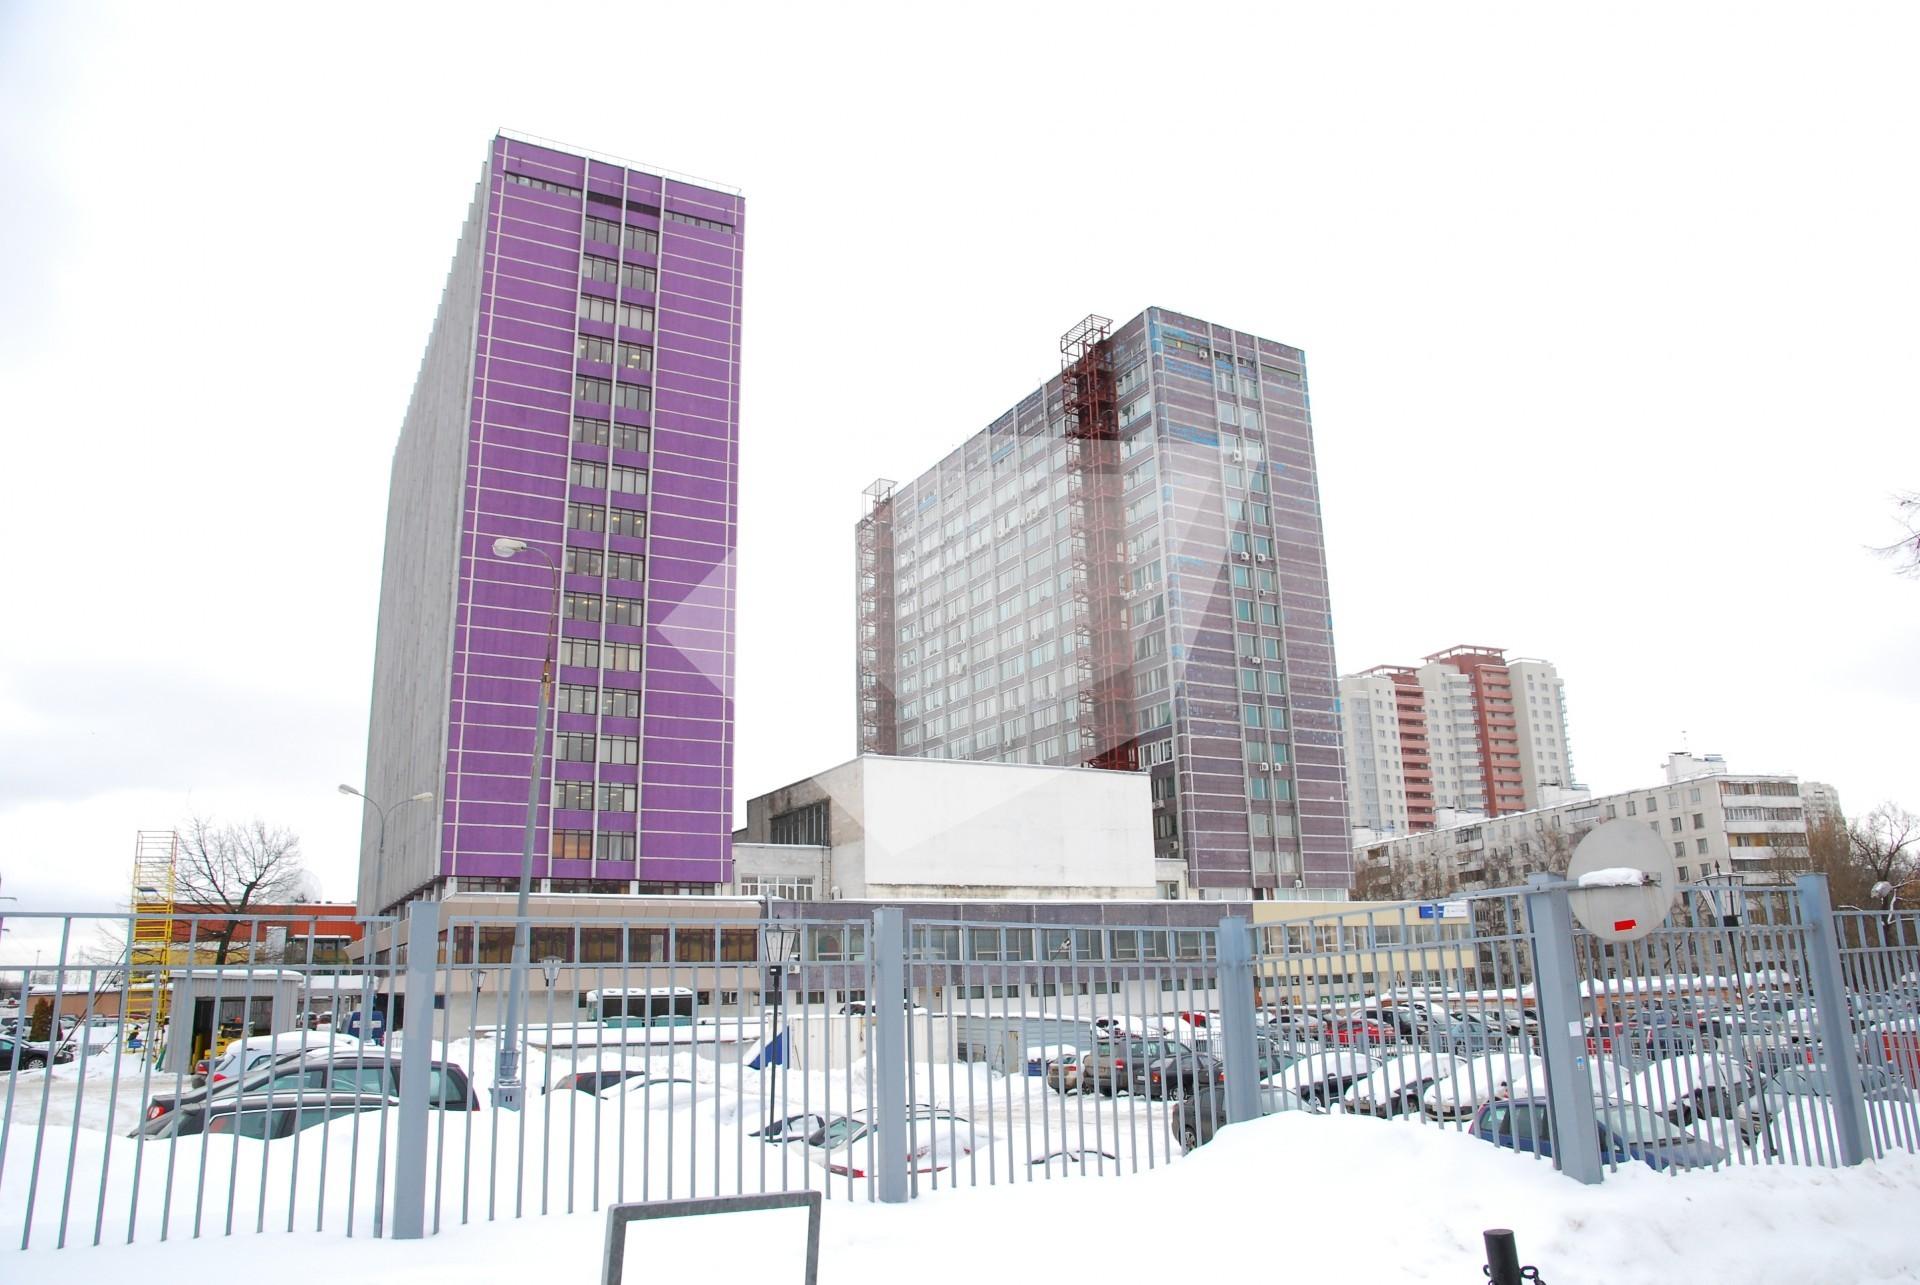 Аренда офисов муравей аренда коммерческой недвижимости, санкт-петербург, невский район